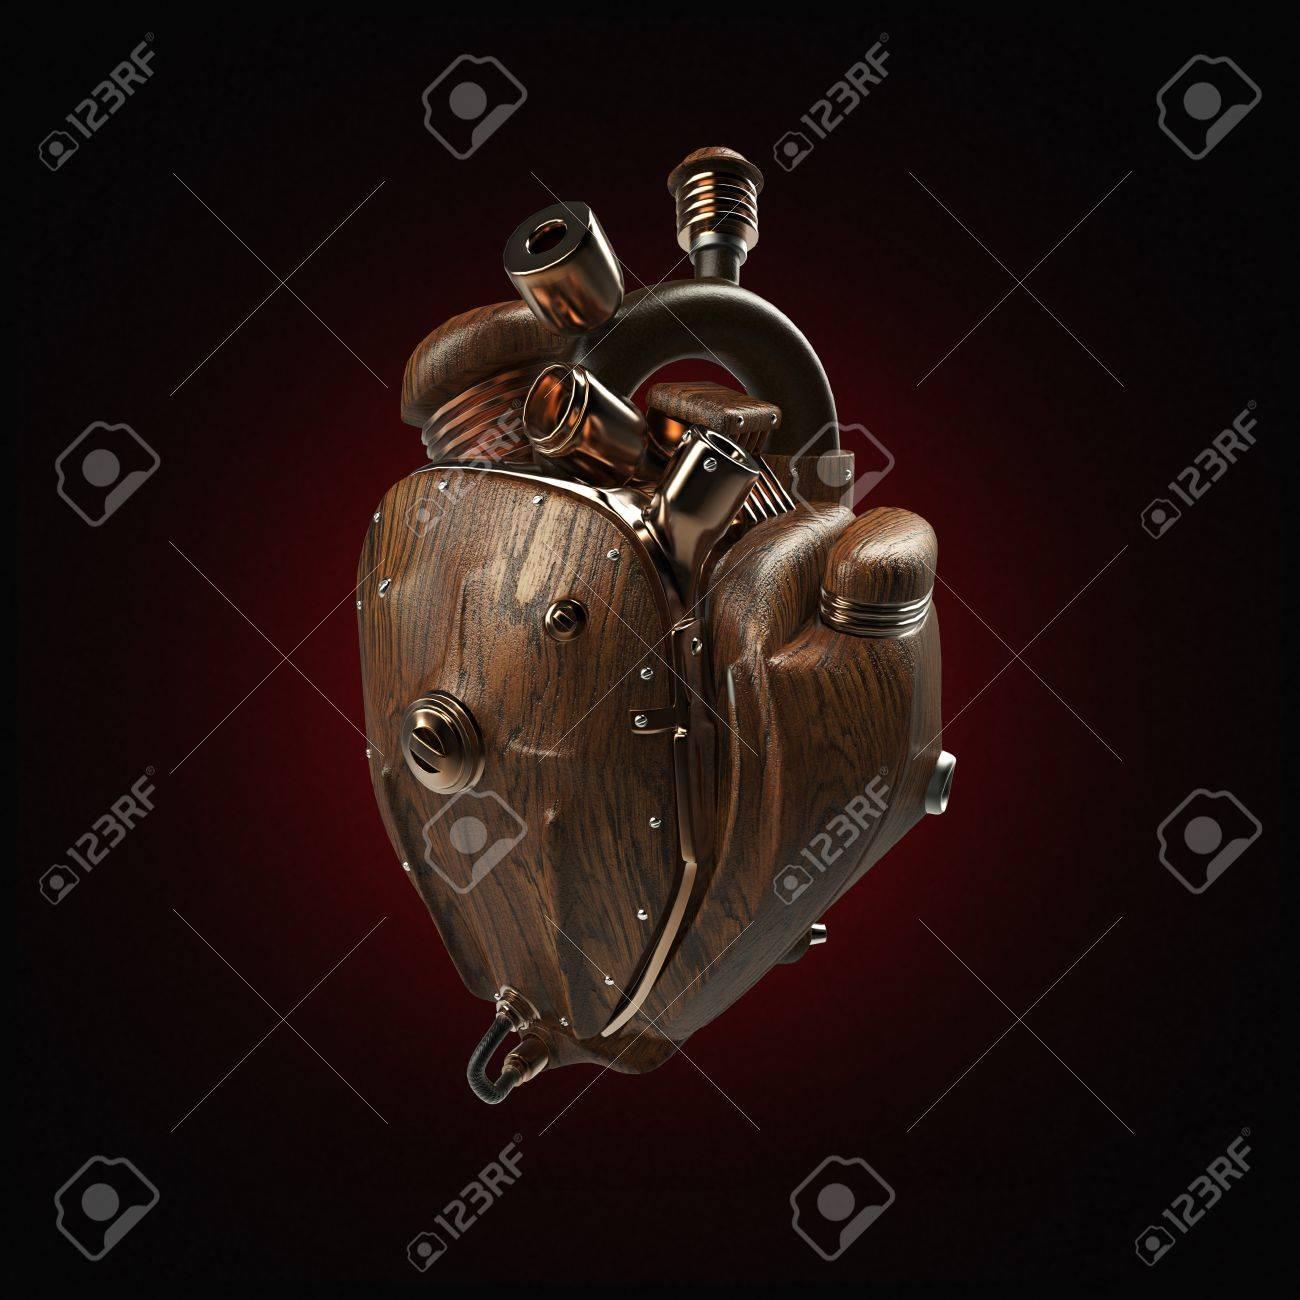 Mecha Corazón Del Robot Del Techno Steampunk. Motor Con Tubos ...